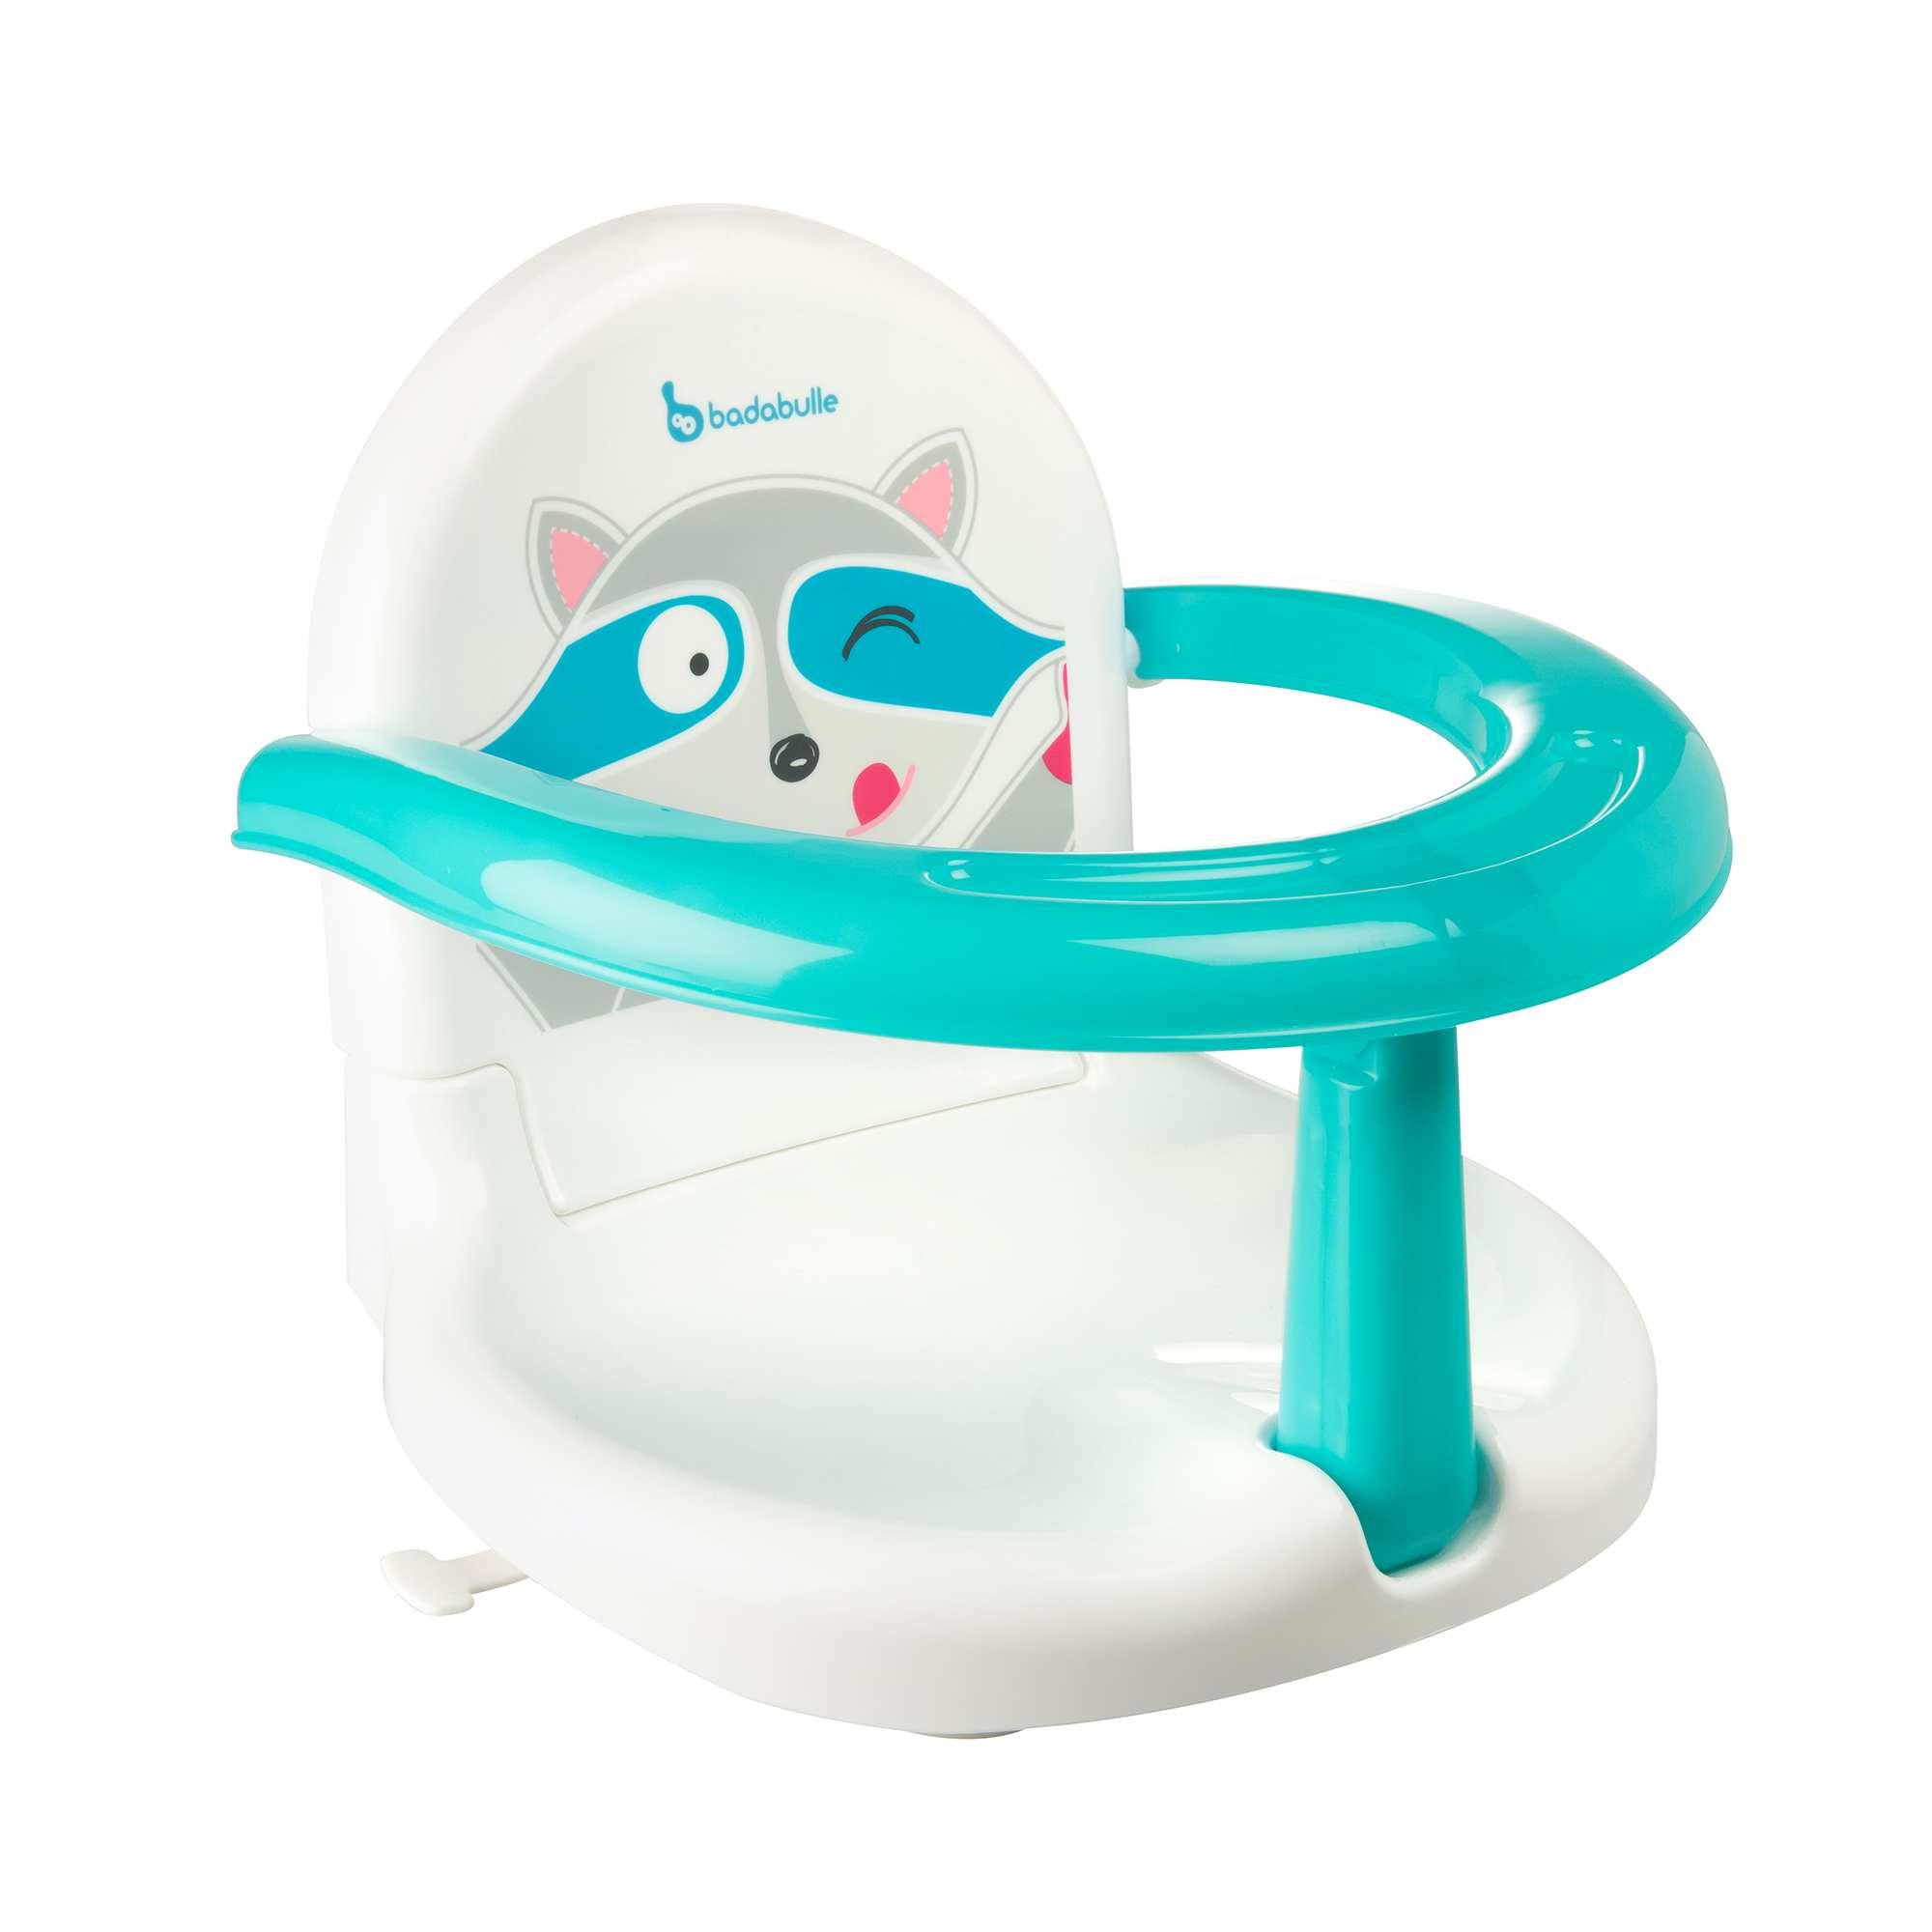 Couleur : blanc/bleu, , ,, - Taille : TU, , ,,Pliable, ce siège de bain est pratique pour le rangement et le transport car il ne